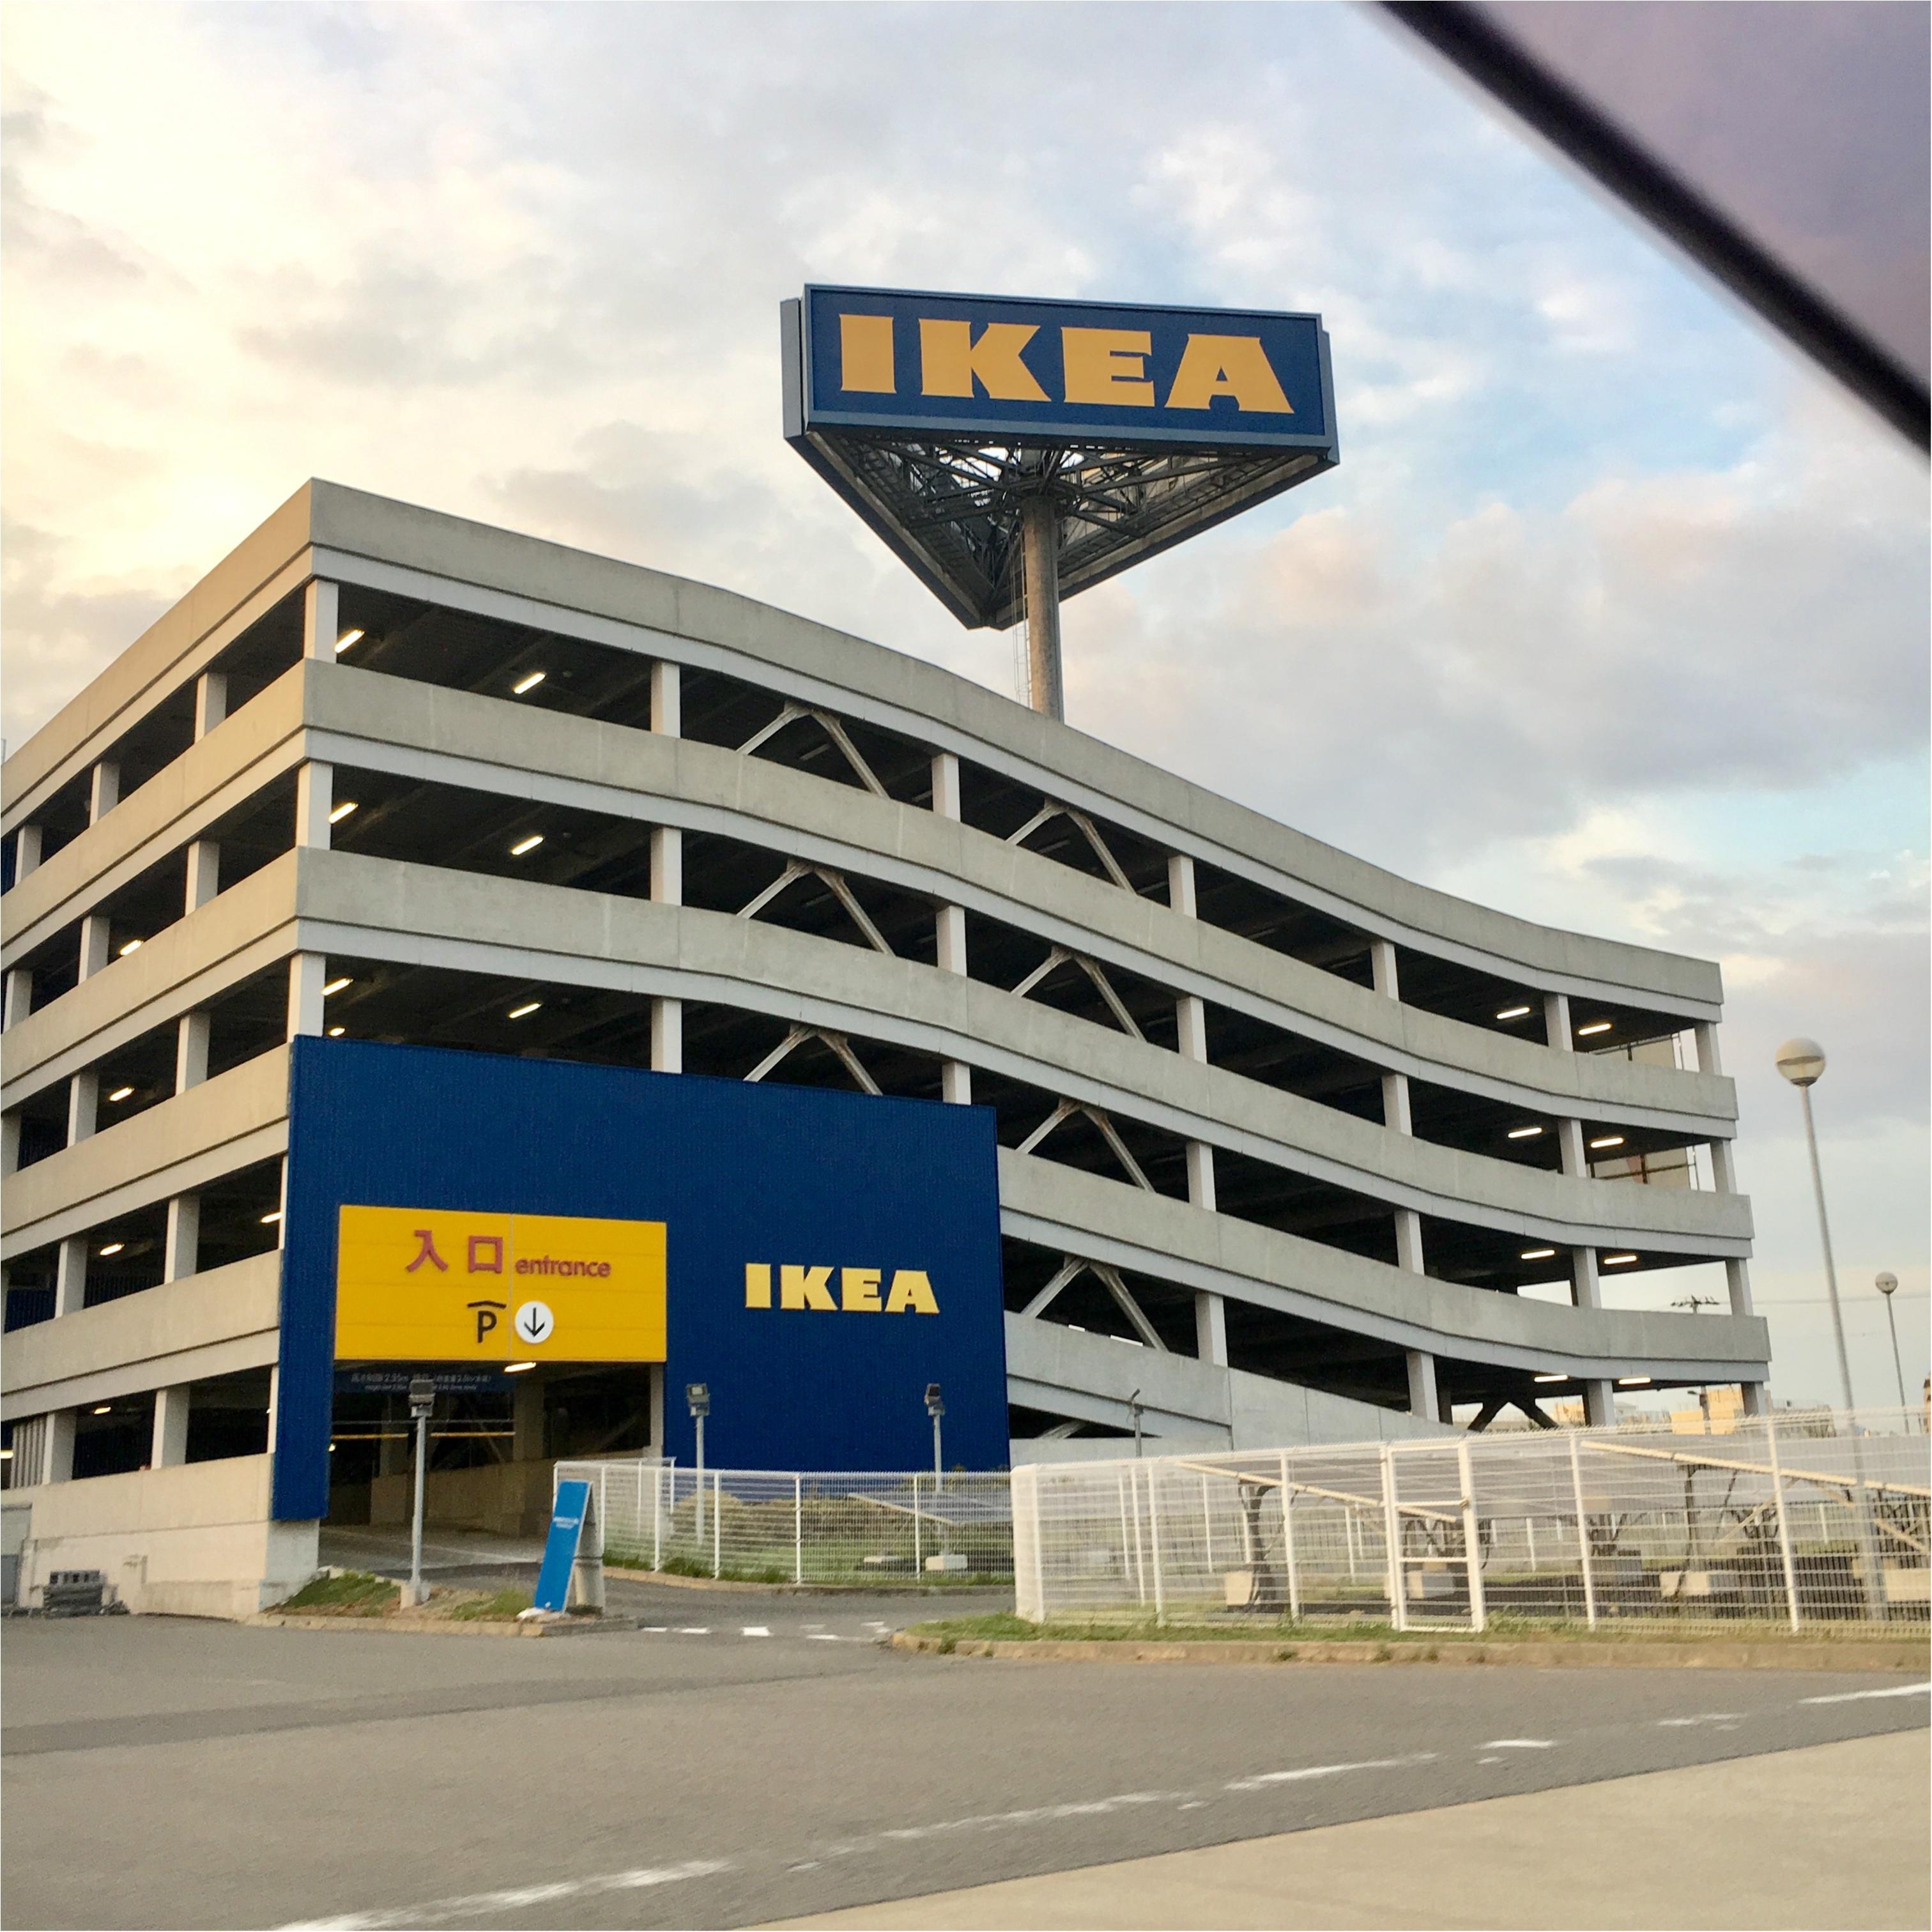 【IKEA】行ったらついつい食べちゃう、アレ♡お家でも楽しめちゃうからみんな急いでGETだ〜!!_1